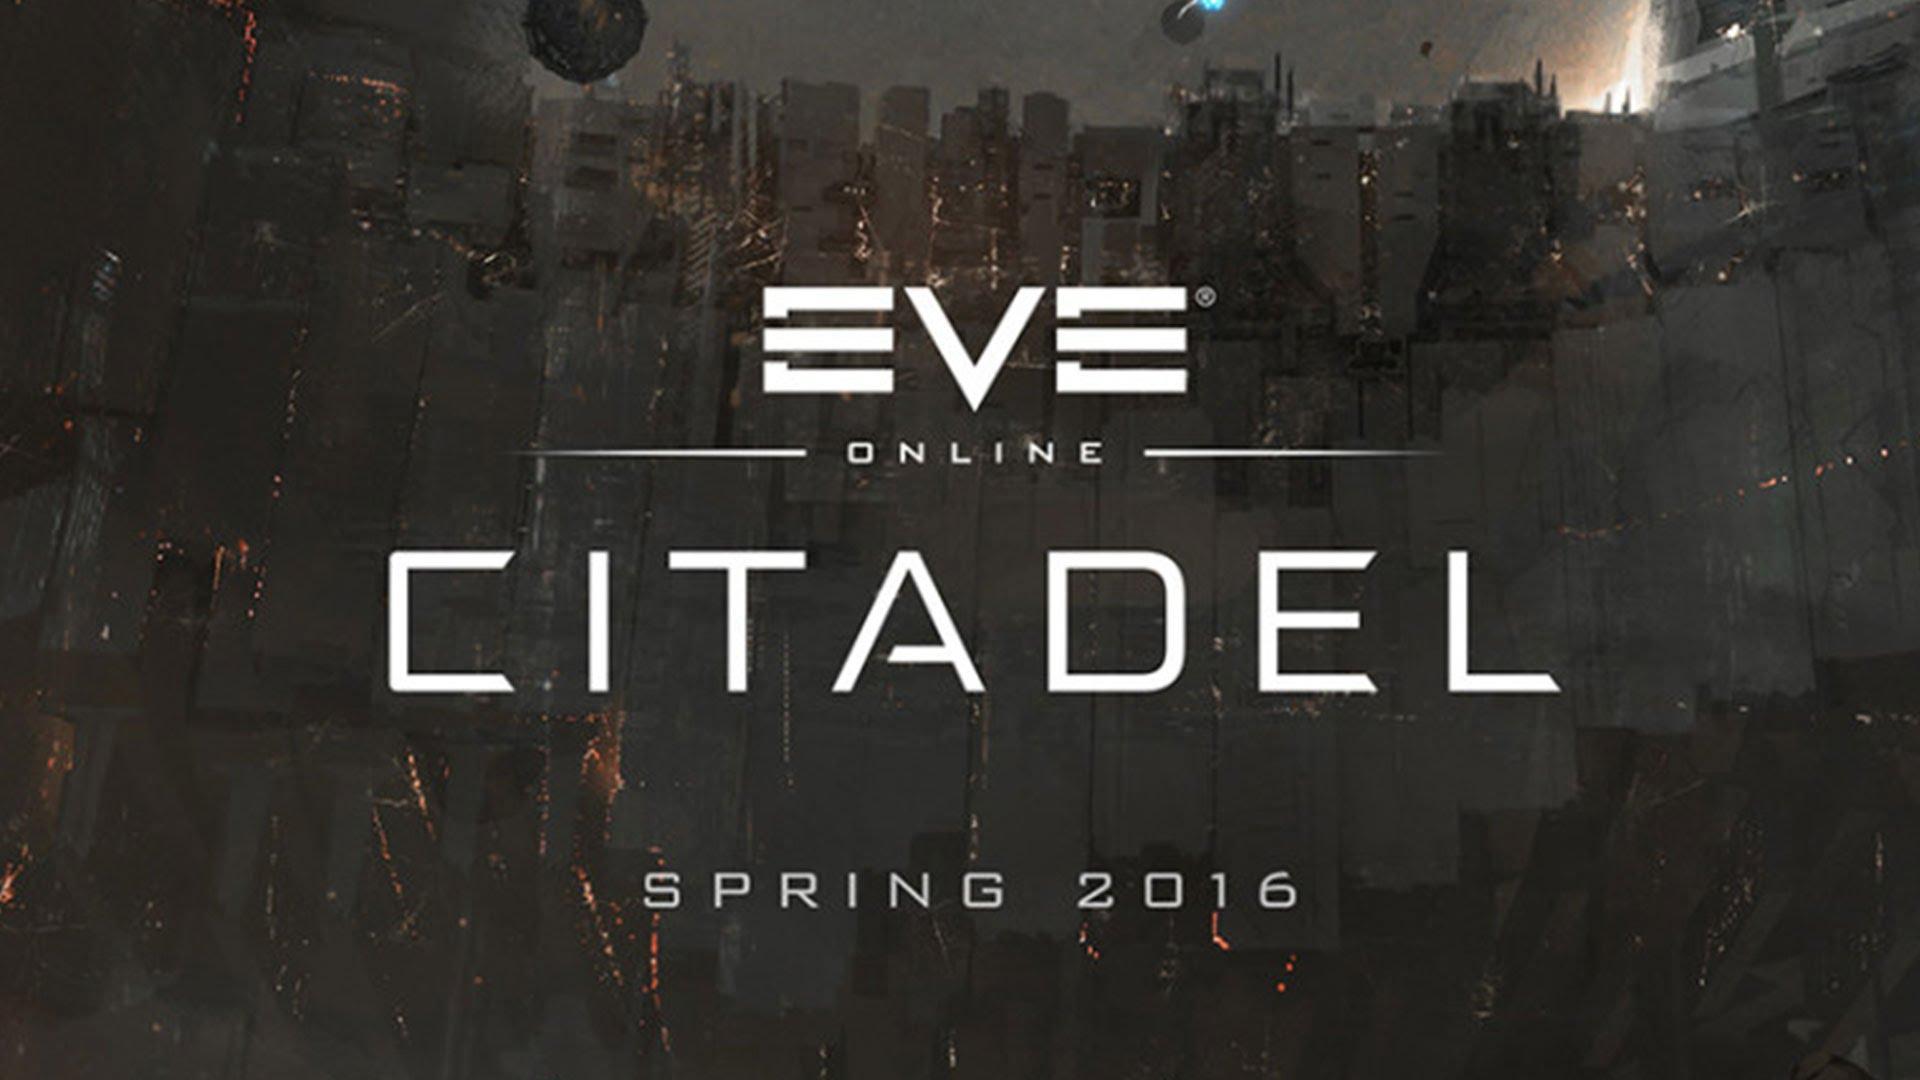 EVE Online - Citadel sur PC (dématérialisé)